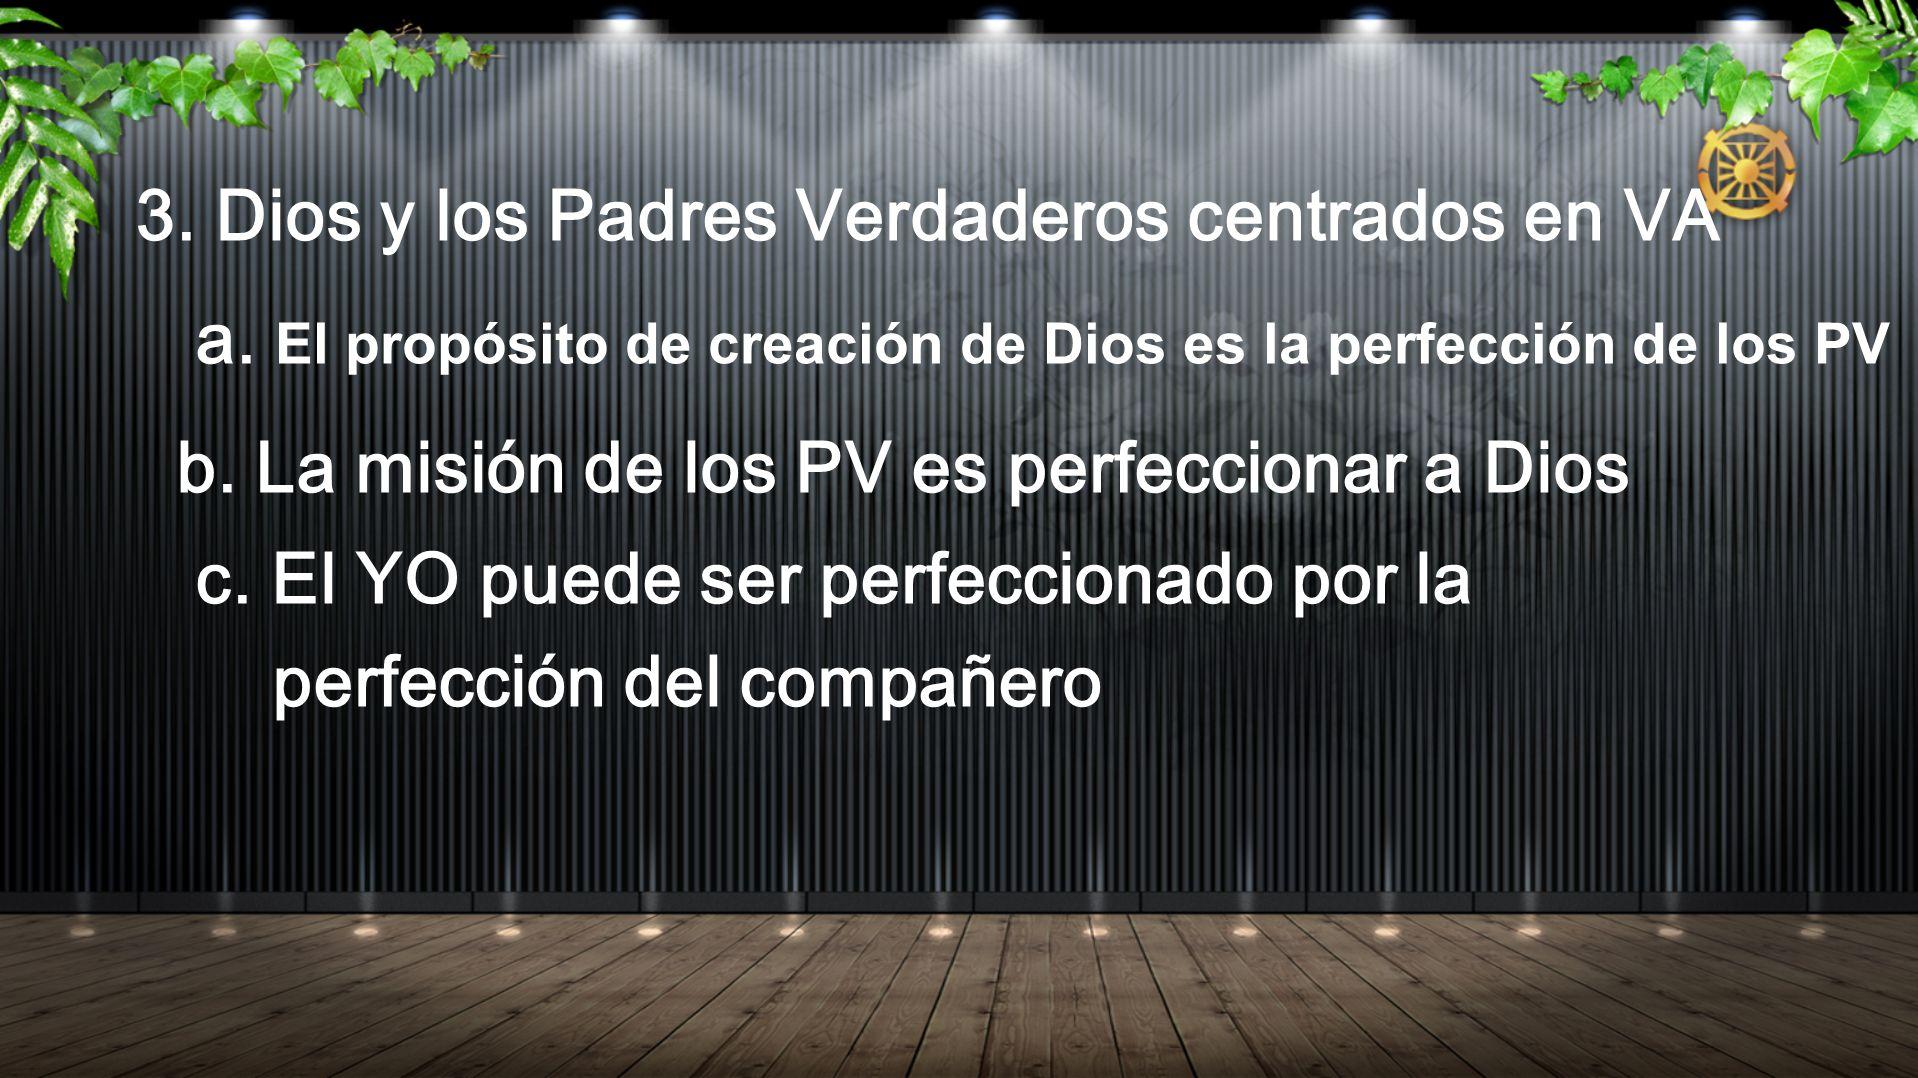 3. Dios y los Padres Verdaderos centrados en VA